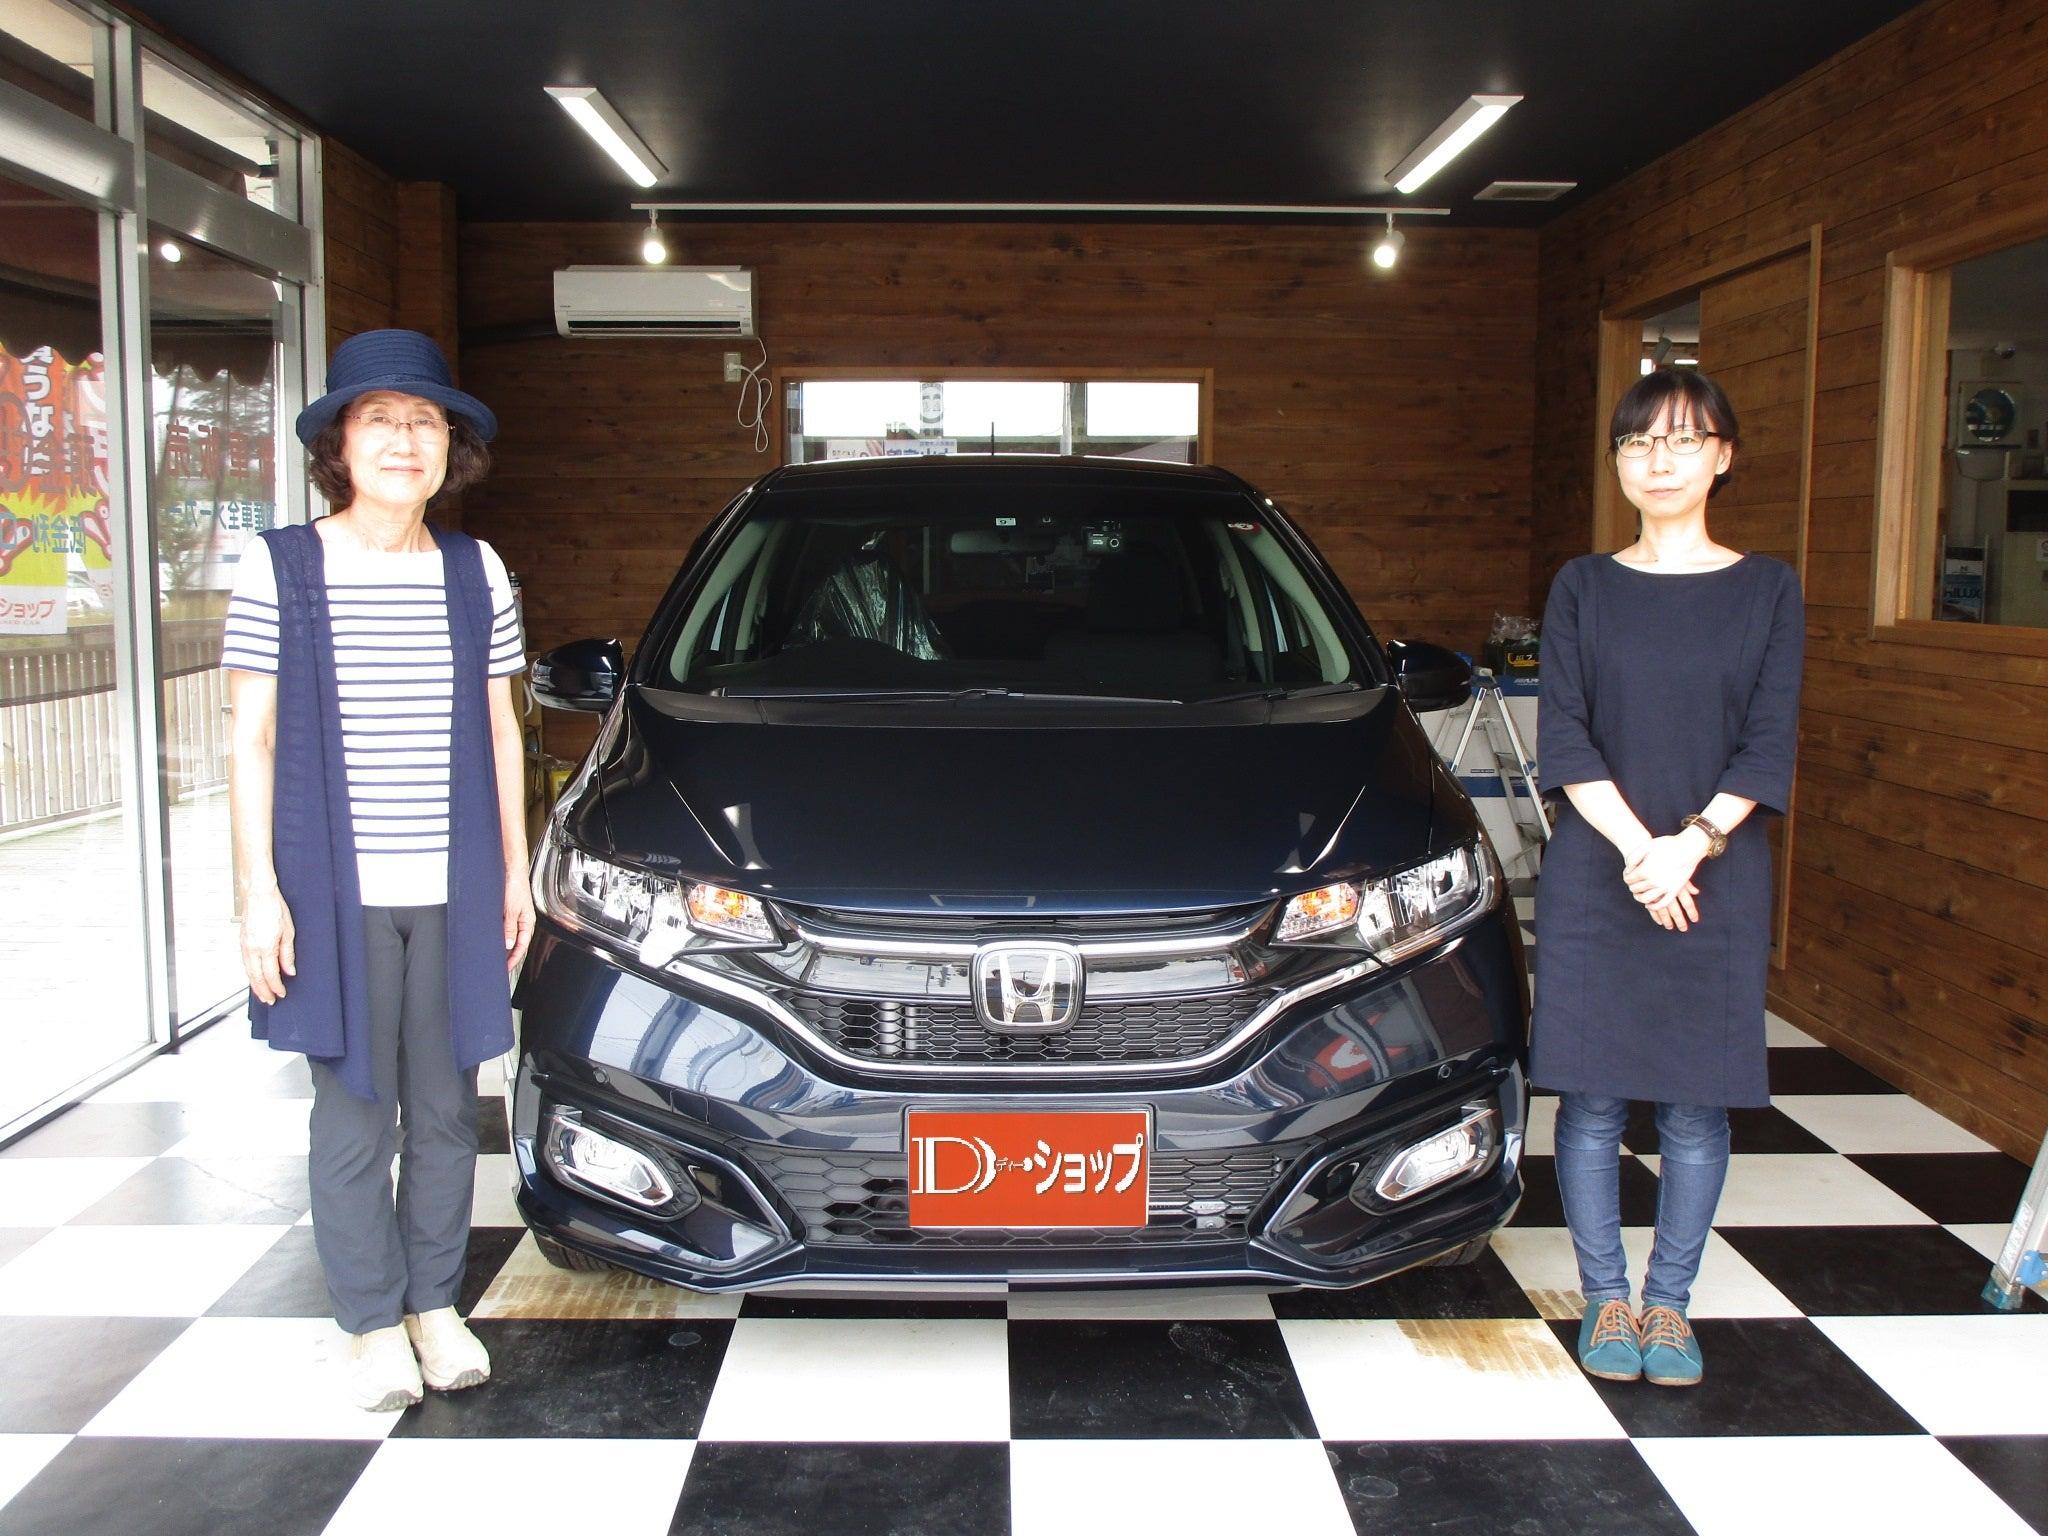 ブログで車が売れる時が来るなんて涙 茨城県A様フィット感謝です♪